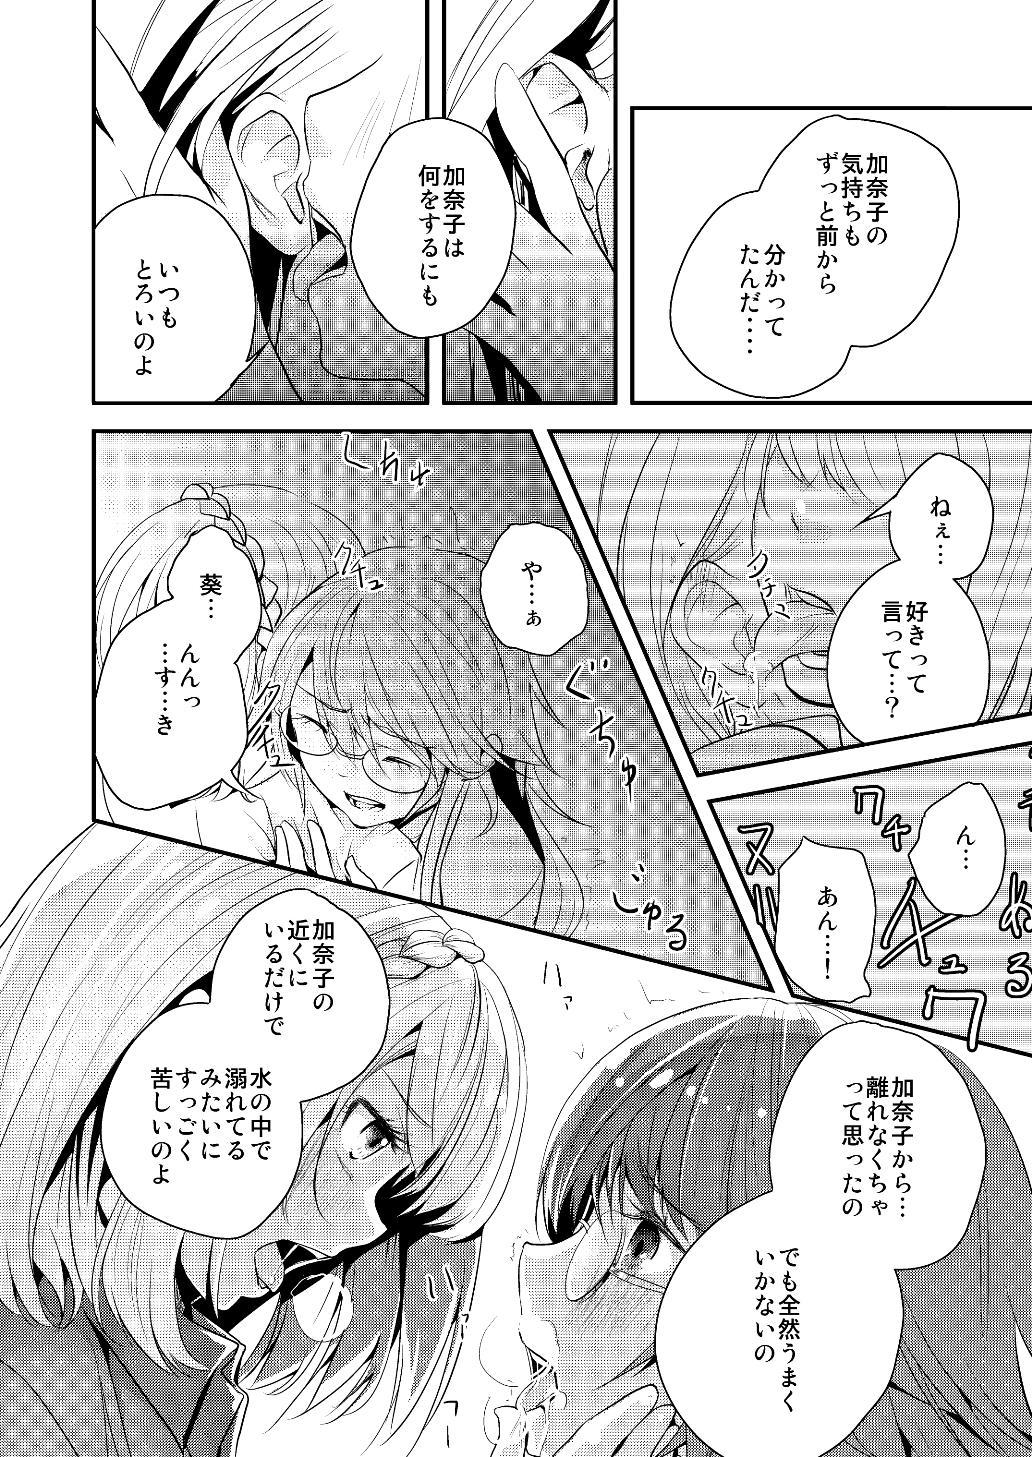 Yakusoku no Sora to Kimigaita Basho 1 ~ 2 59